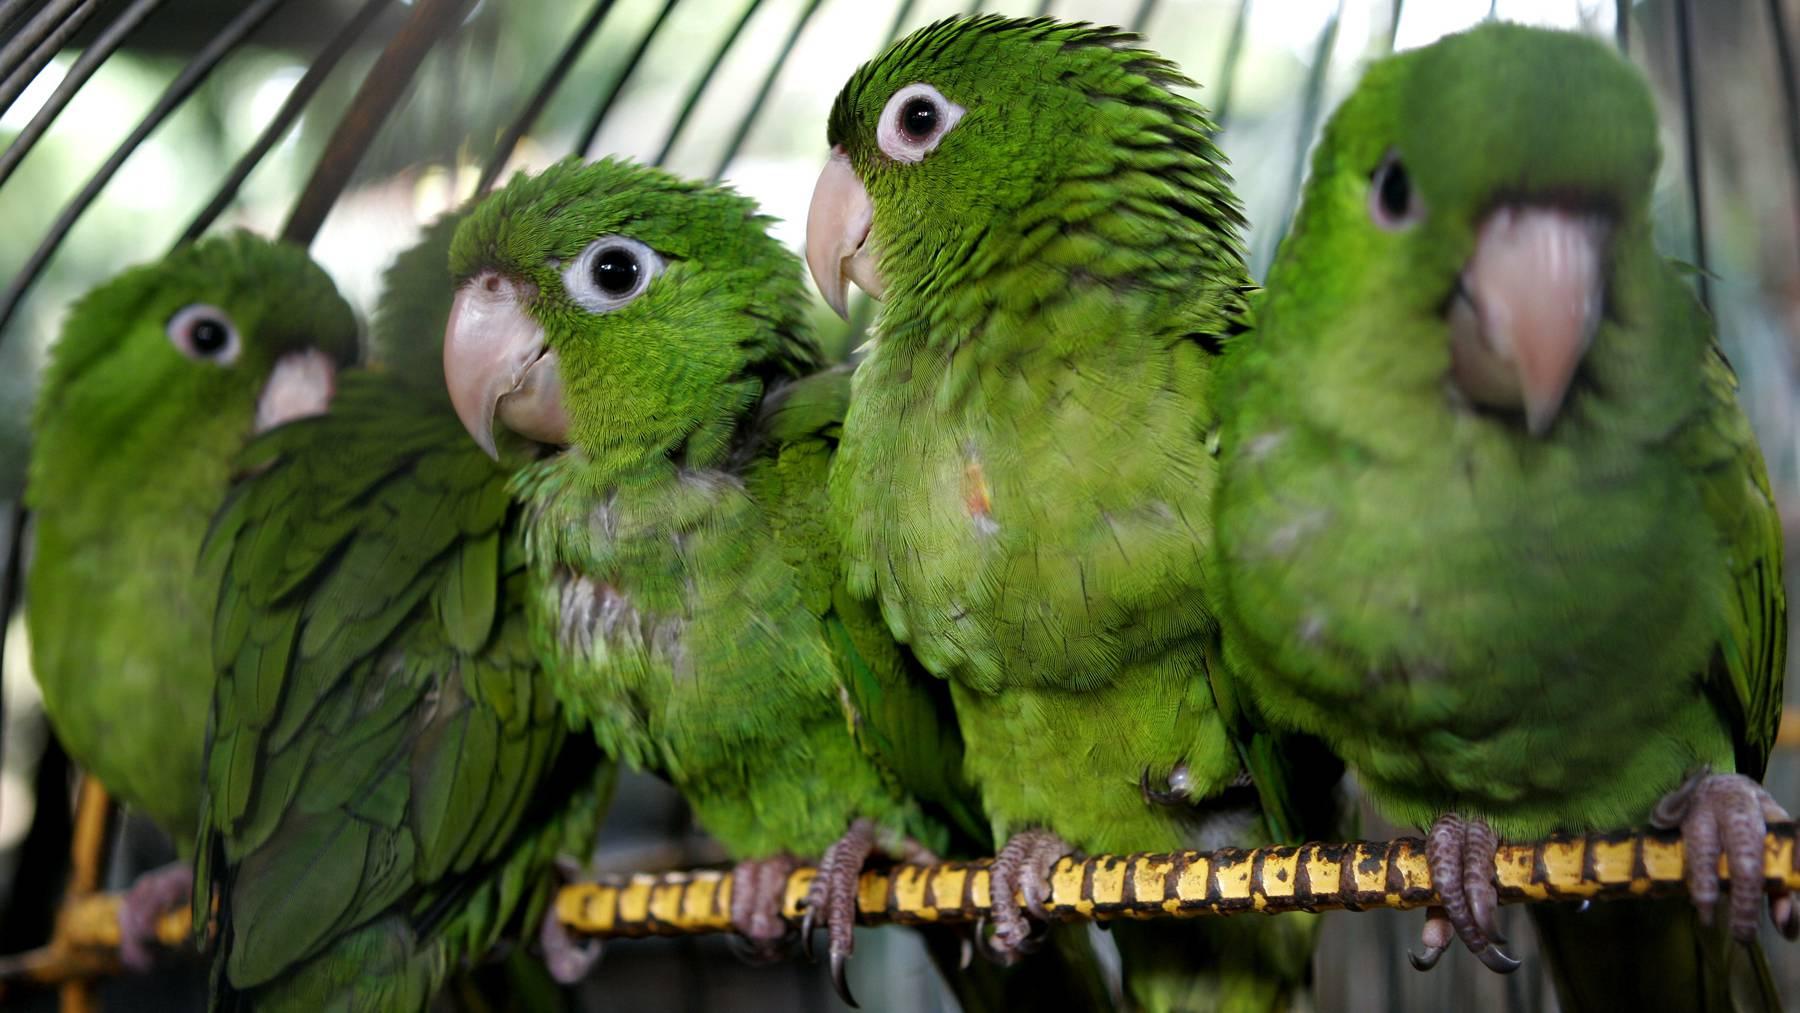 Der Bundesrat will illegalen Tier- und Pflanzenhandel schärfer sanktionieren. (Symbolbild)